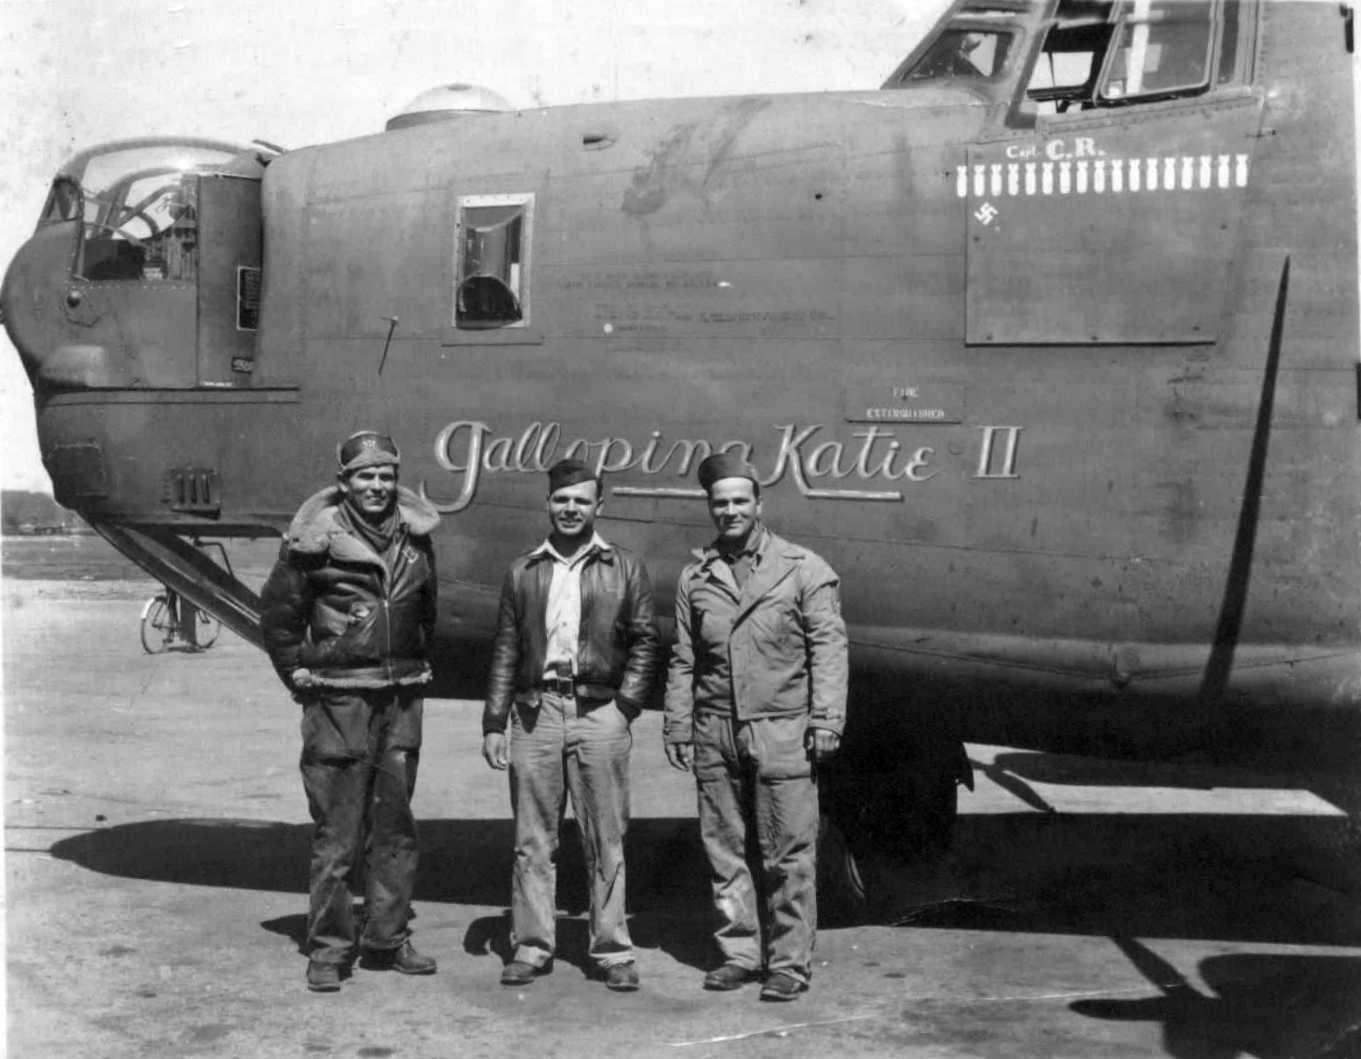 B-24 Liberator Galloping Katie II